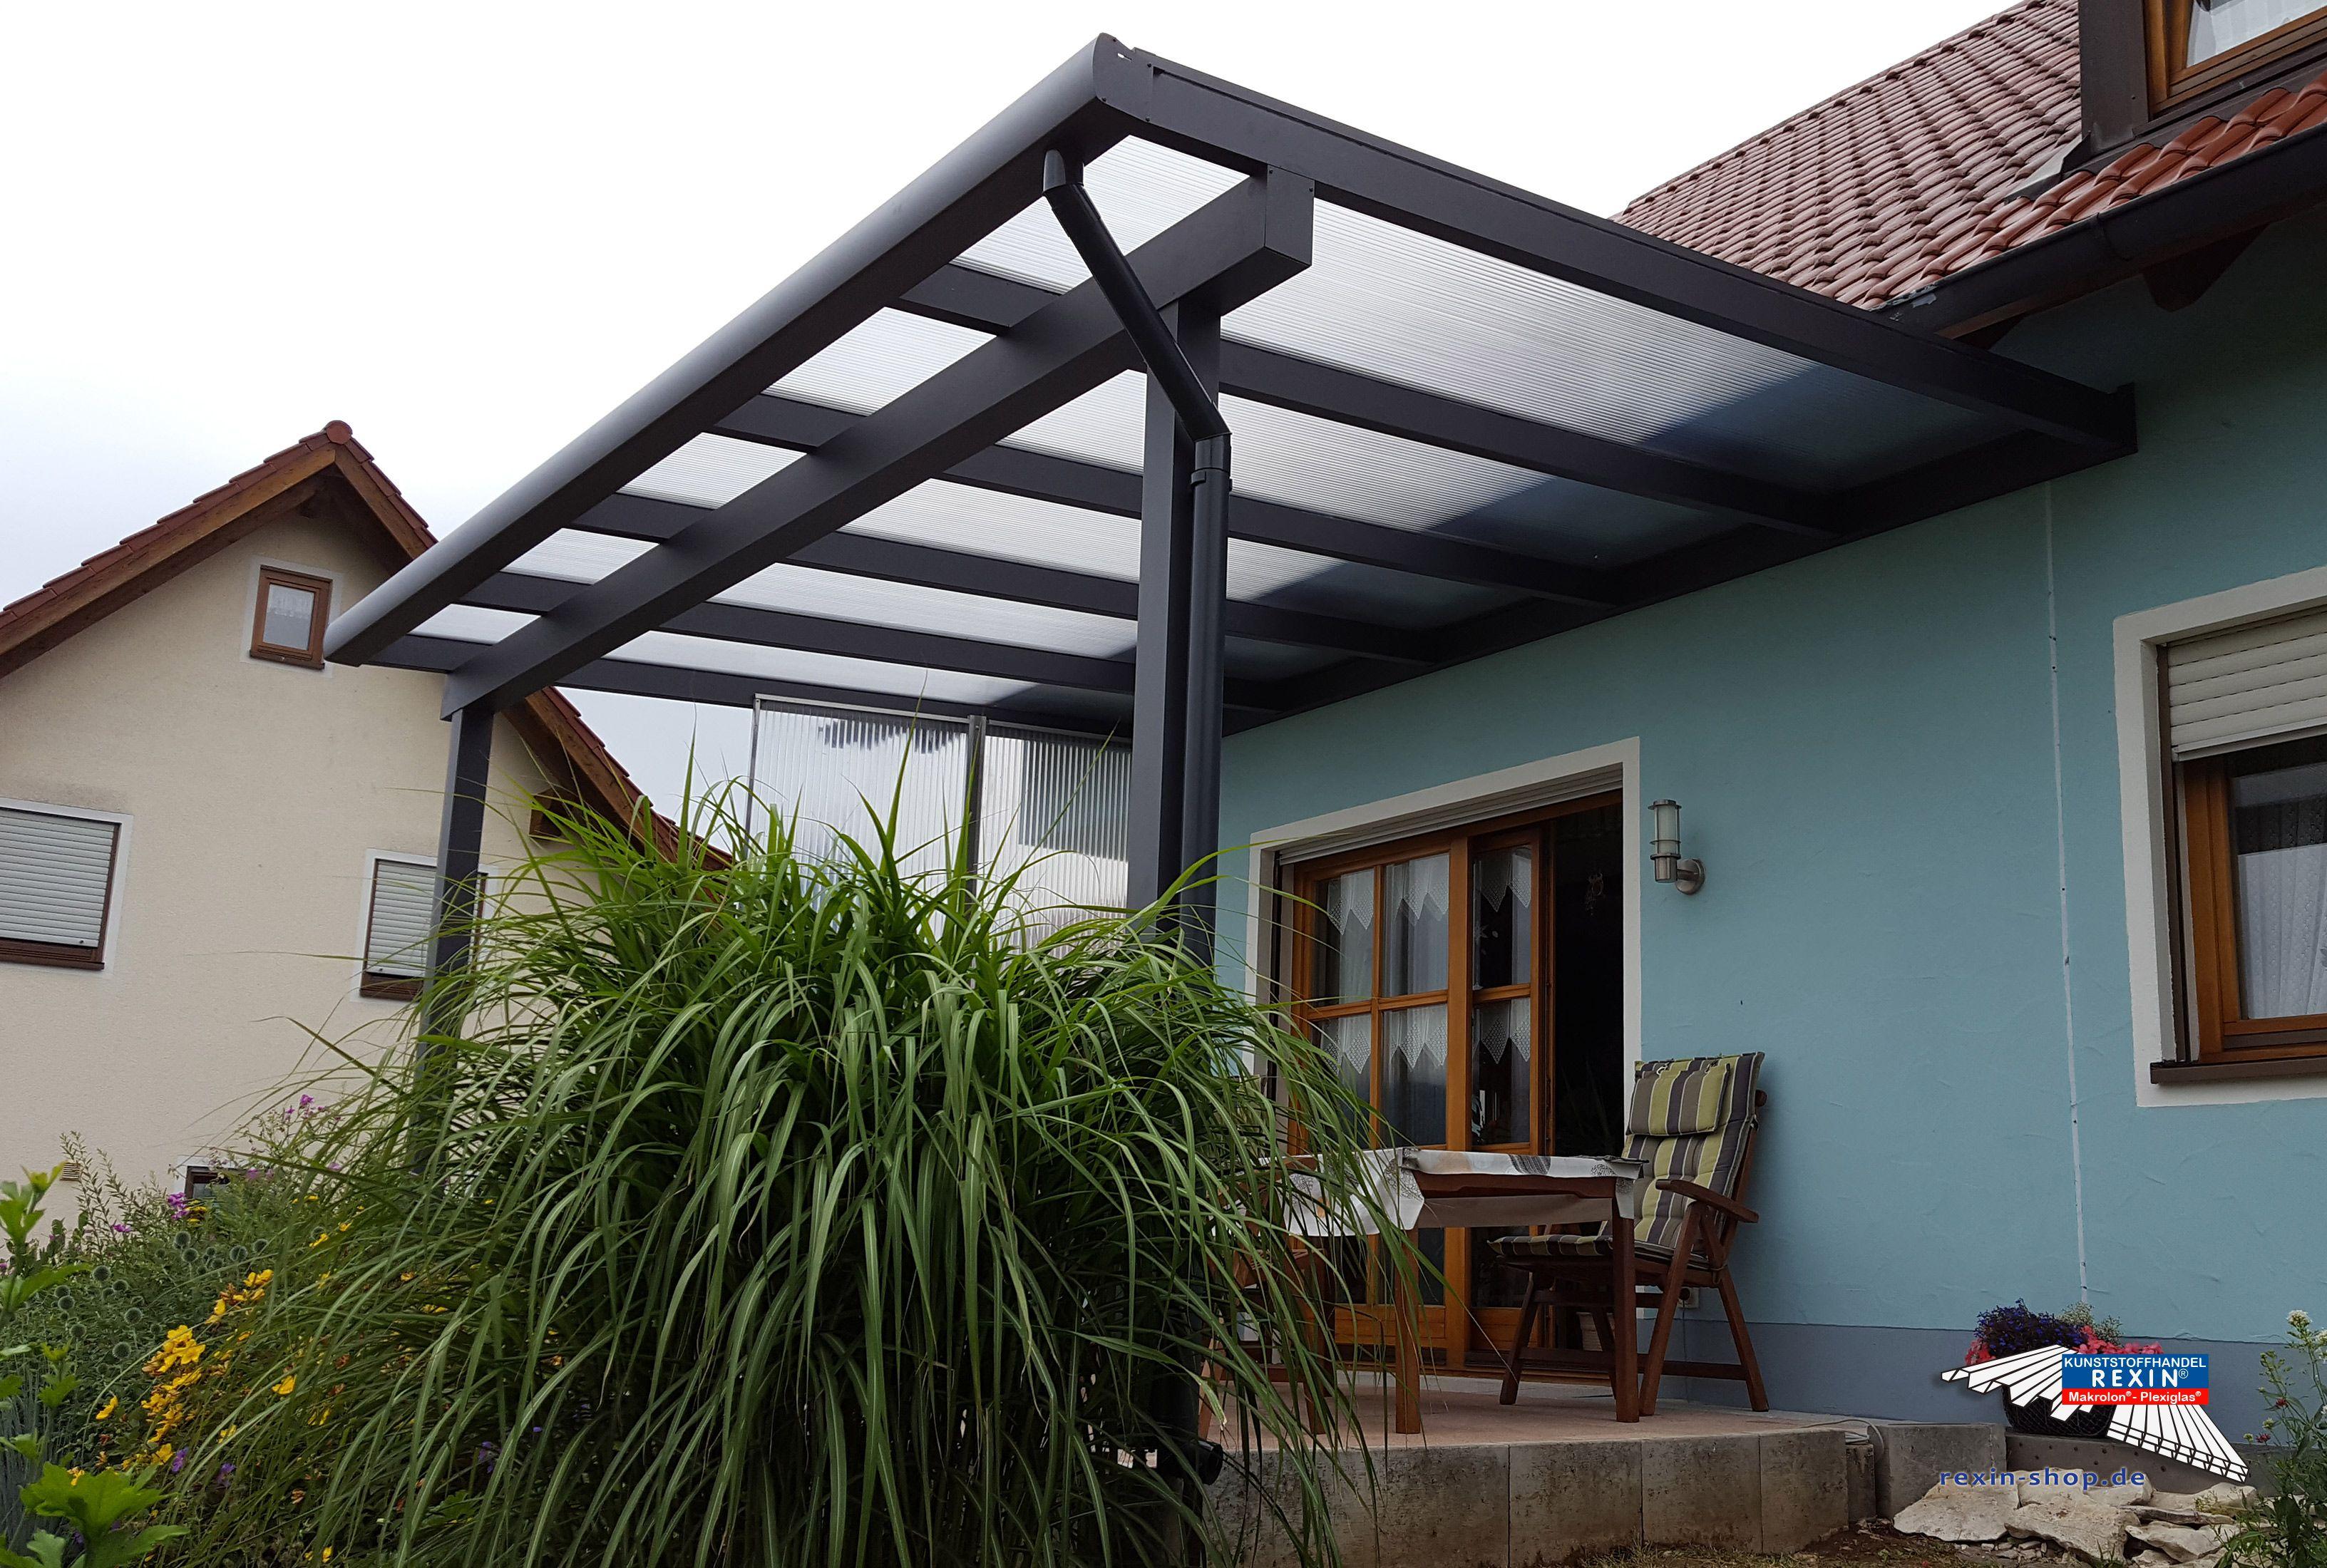 cc169cf1f724fb6da1d189d546113341 Inspiration Sichtschutz Balkon Einseitig Durchsichtig Schema